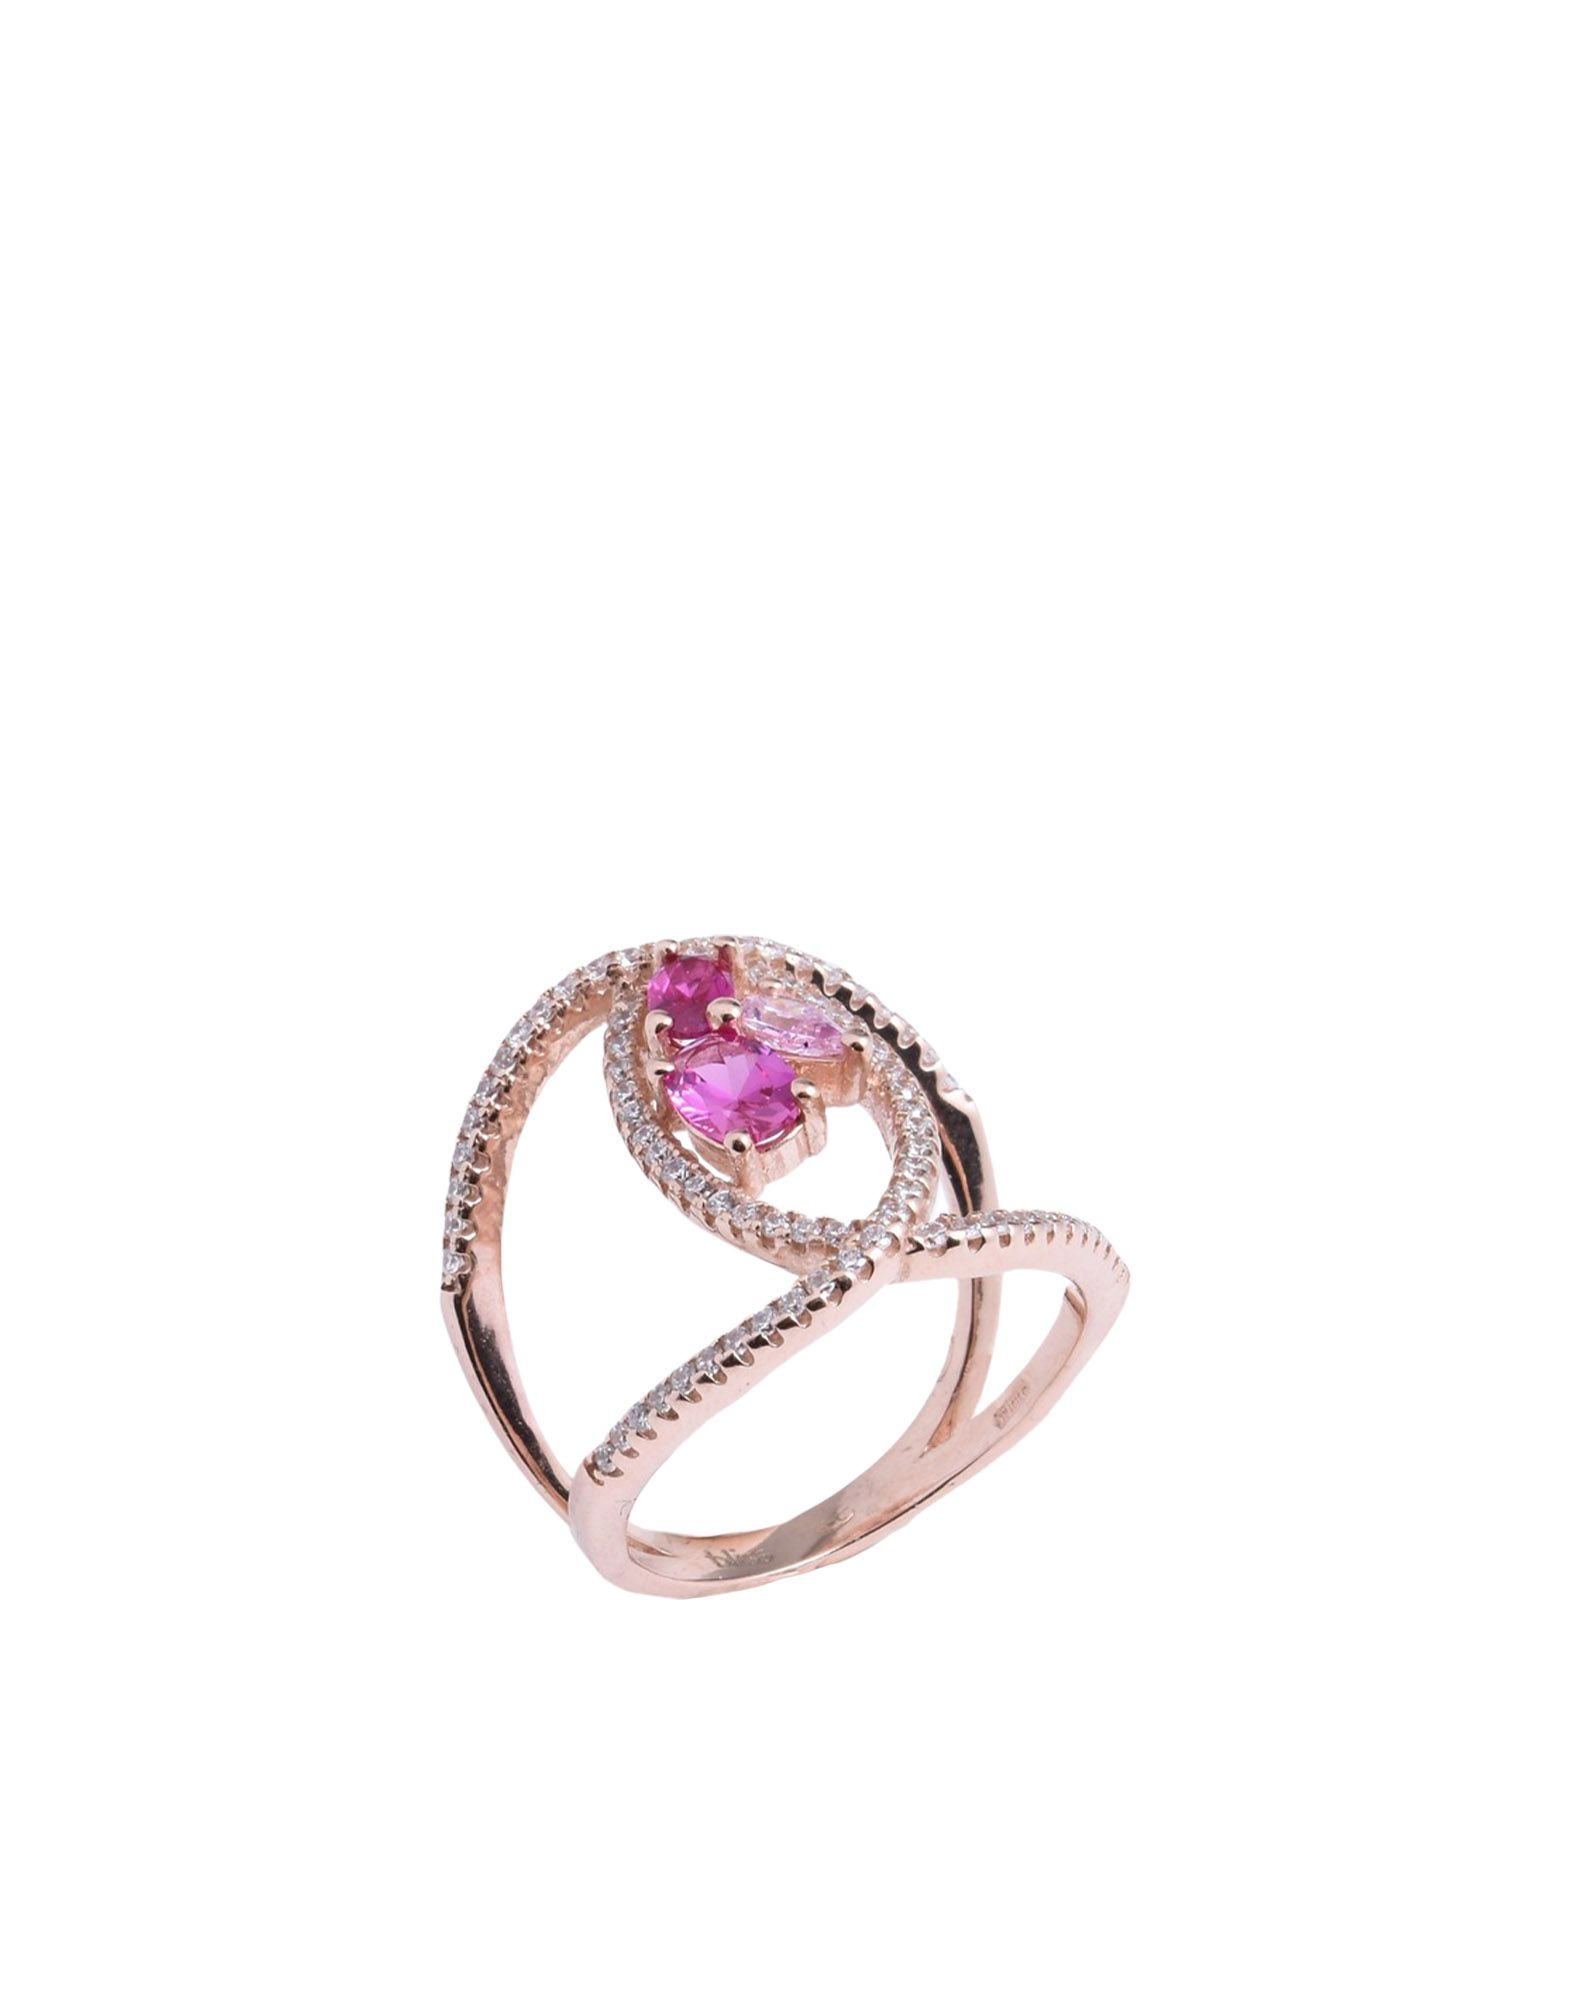 《送料無料》BLISS レディース 指輪 カッパー 15 シルバー925/1000 / キュービックジルコニア